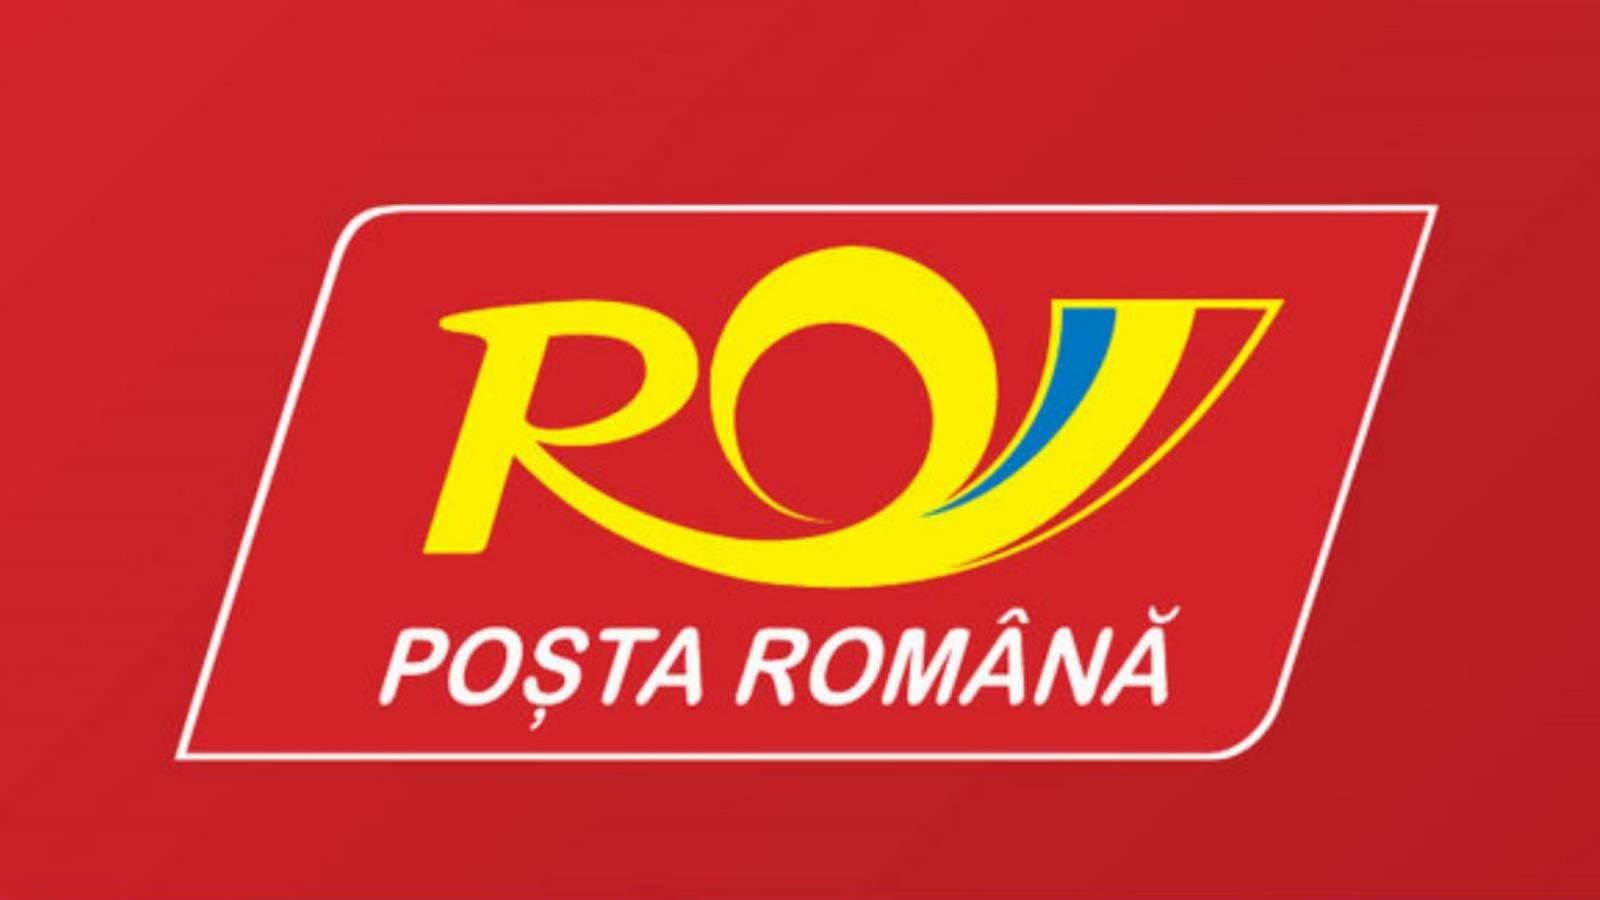 Posta Romana Anuntul GROZAV care a SURPRINS Multi Romani